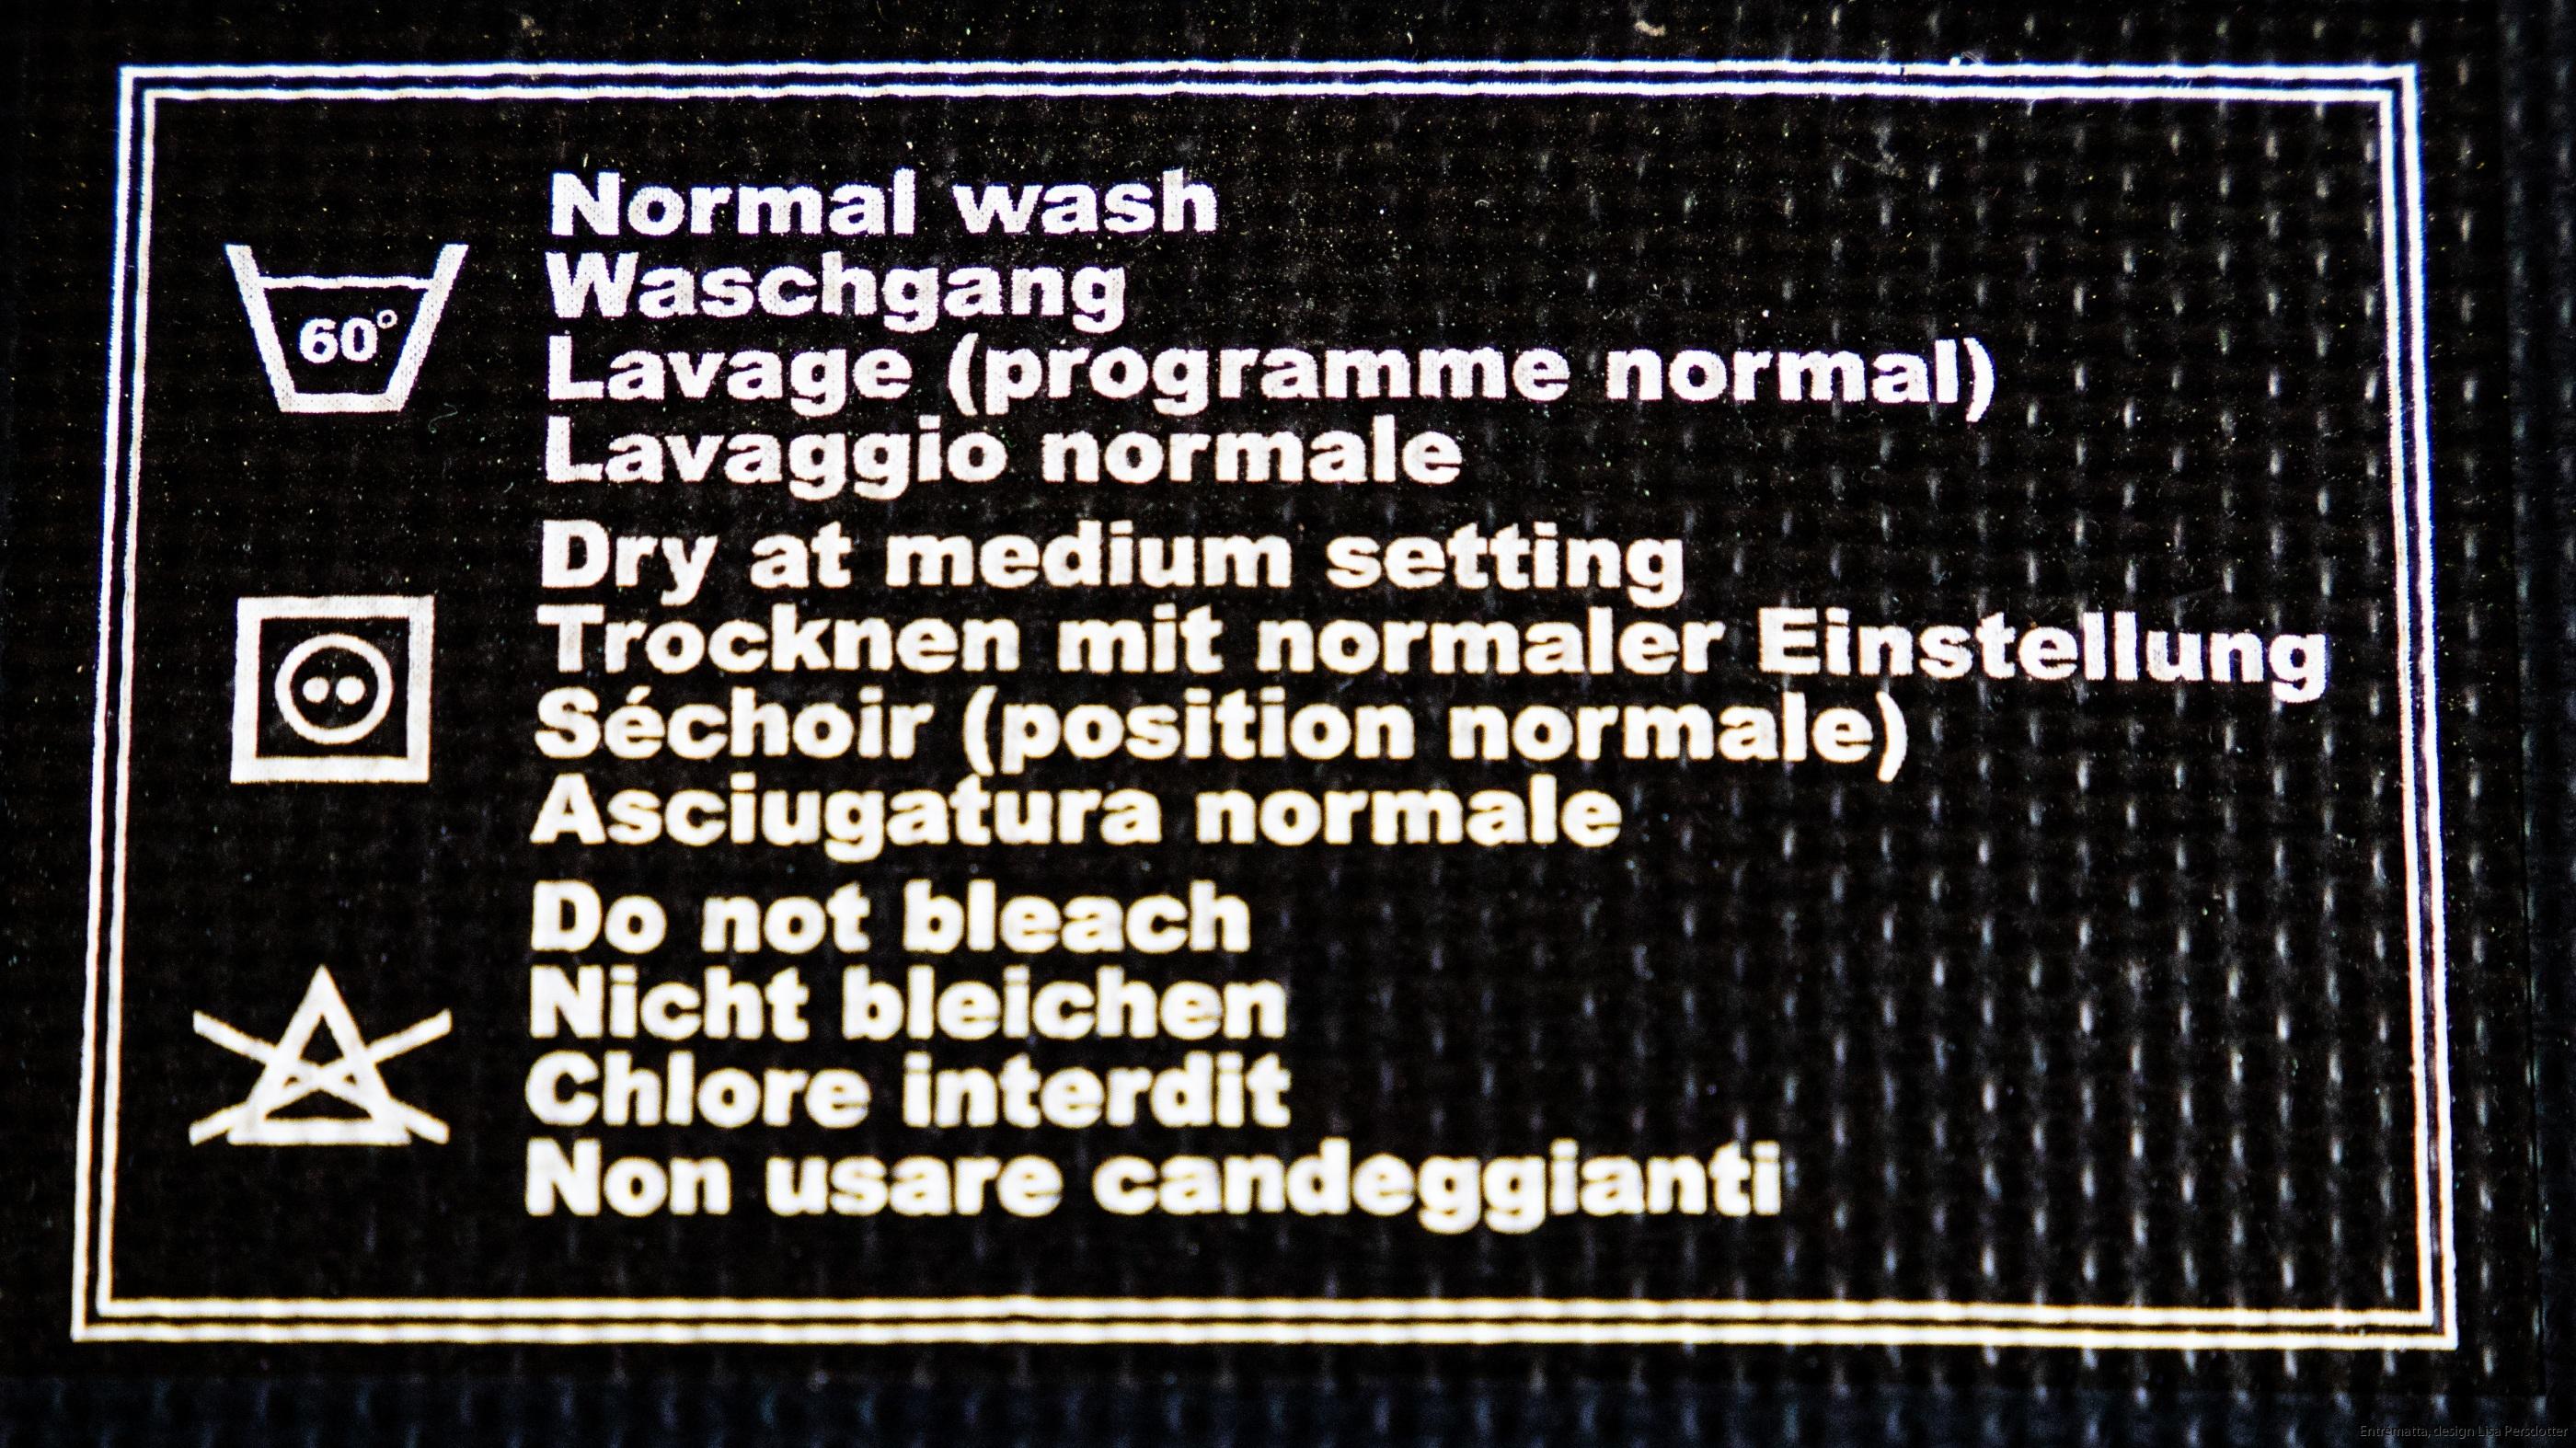 Matta tvätt 60 grader